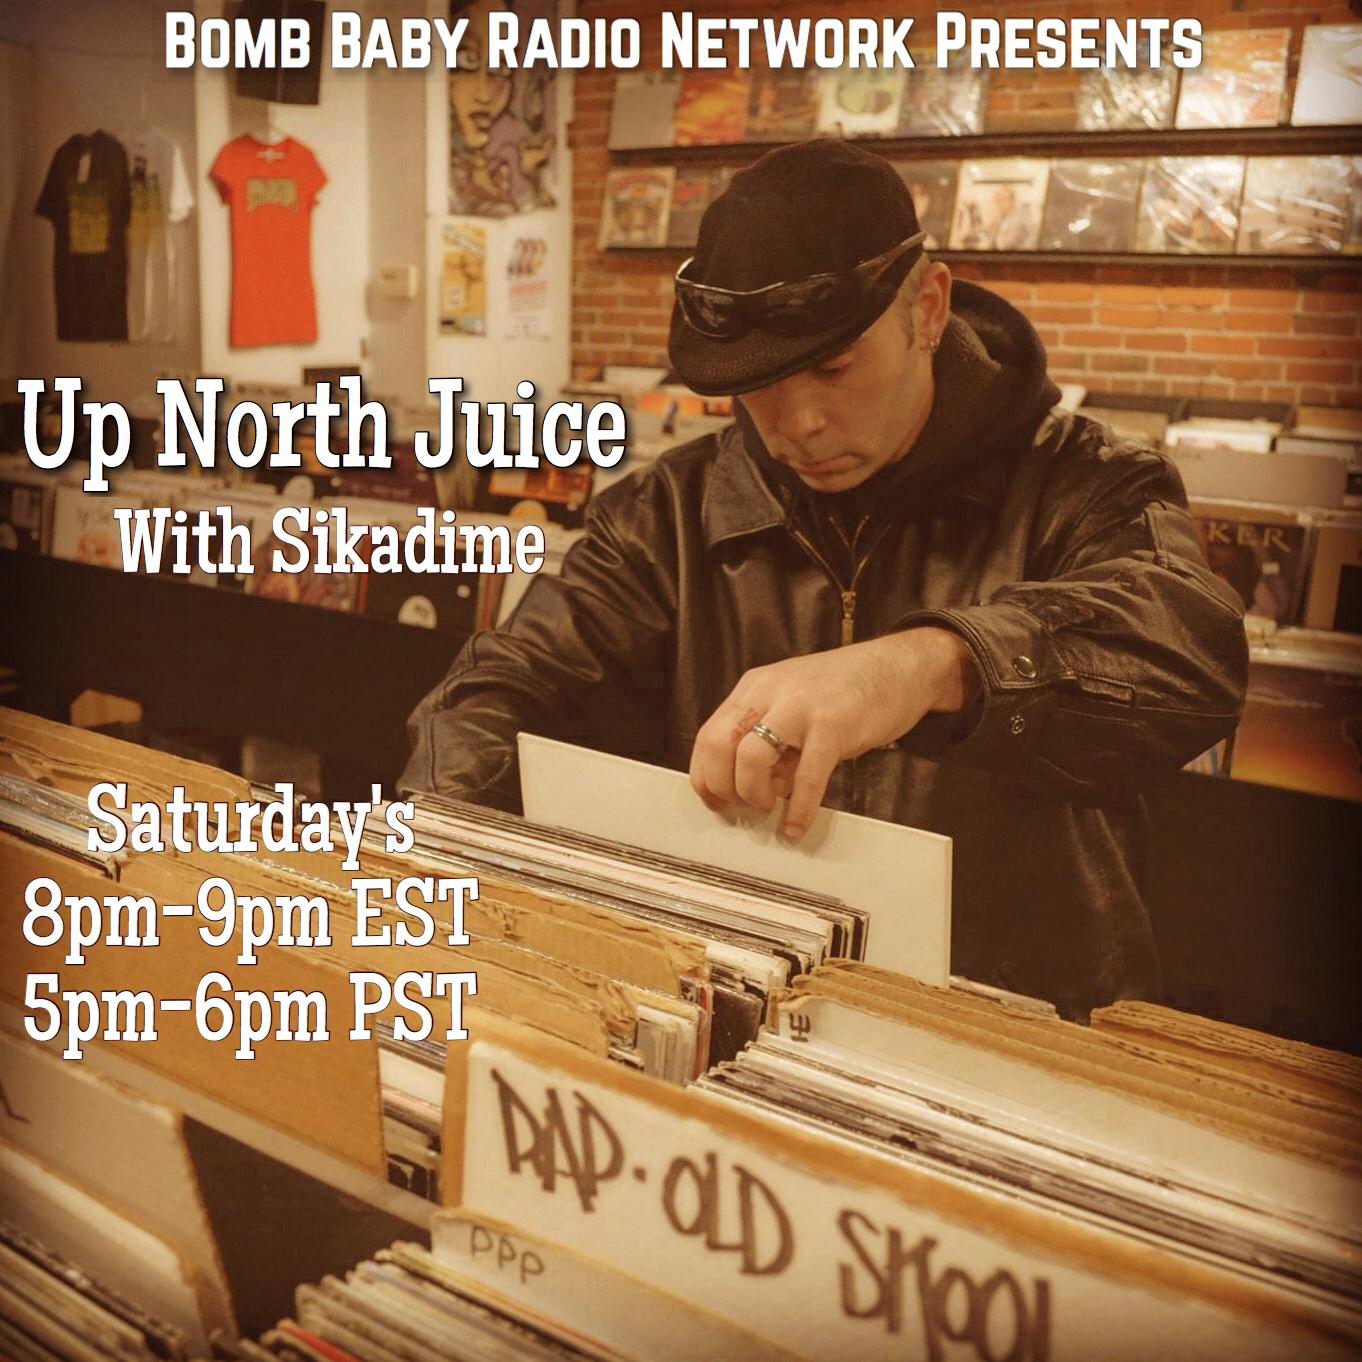 Up North Juice flyer